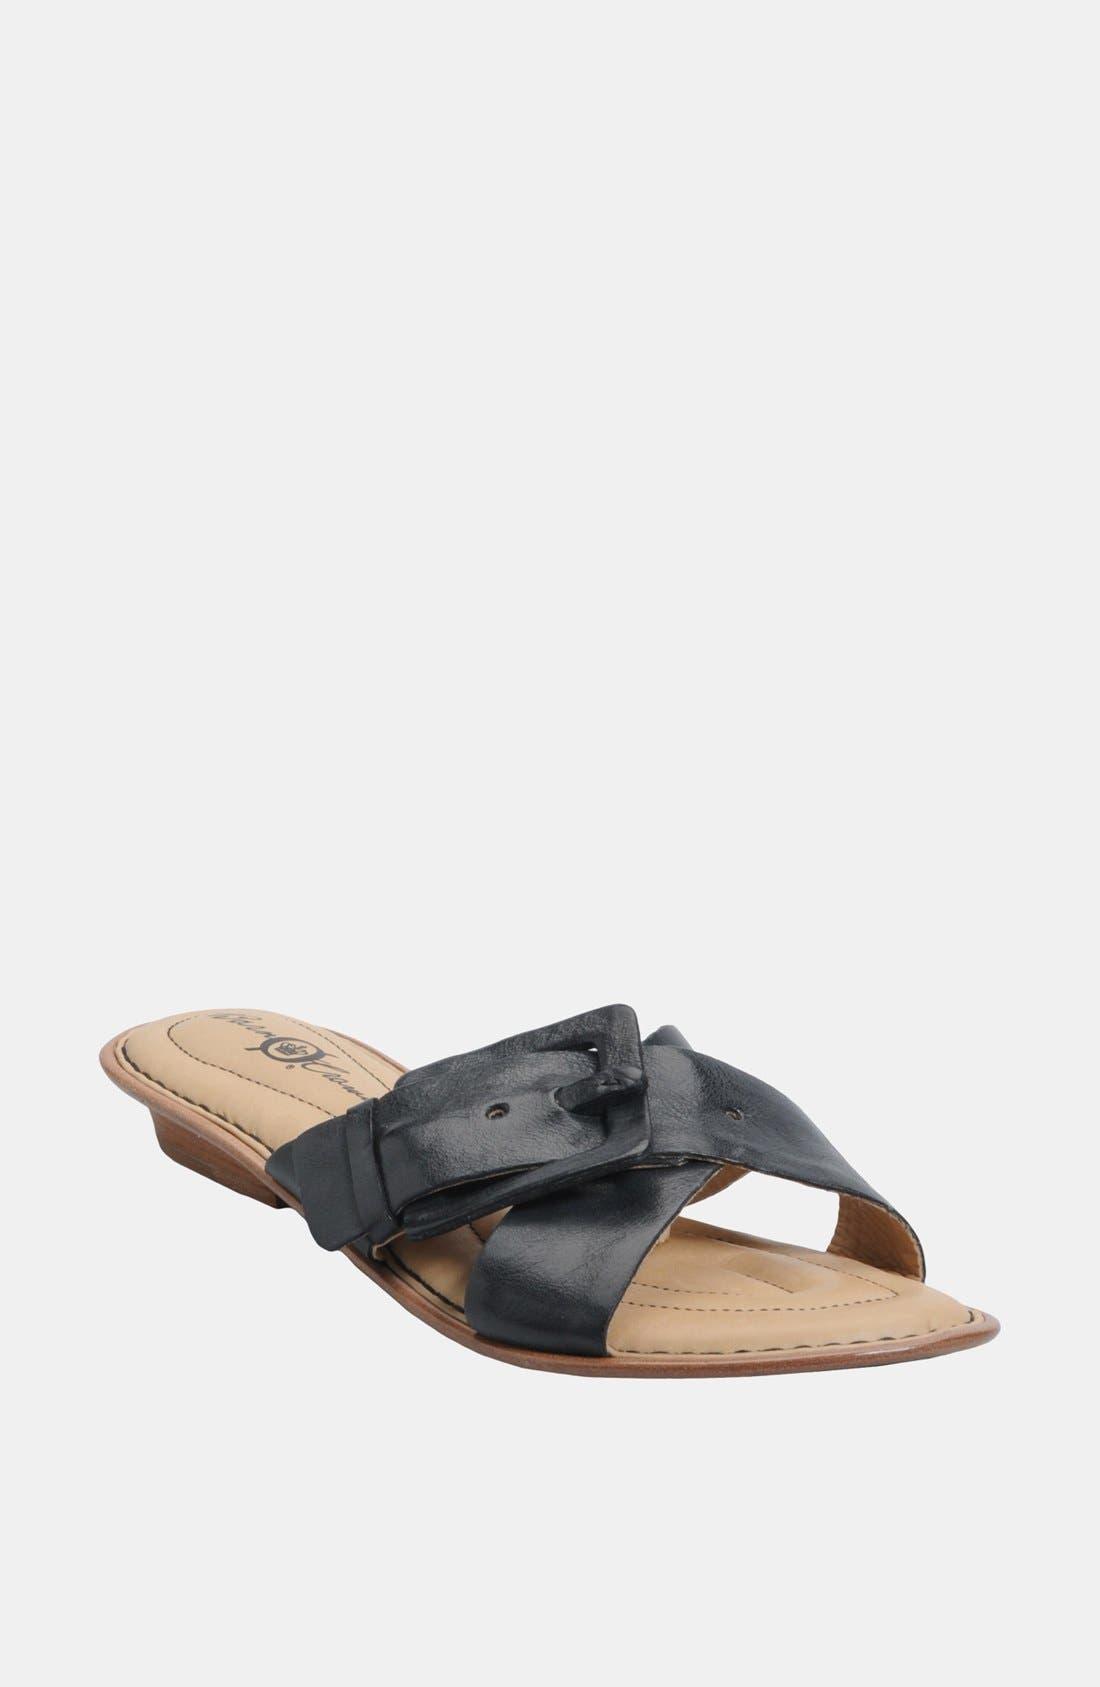 Alternate Image 1 Selected - Børn 'Gayla' Sandal